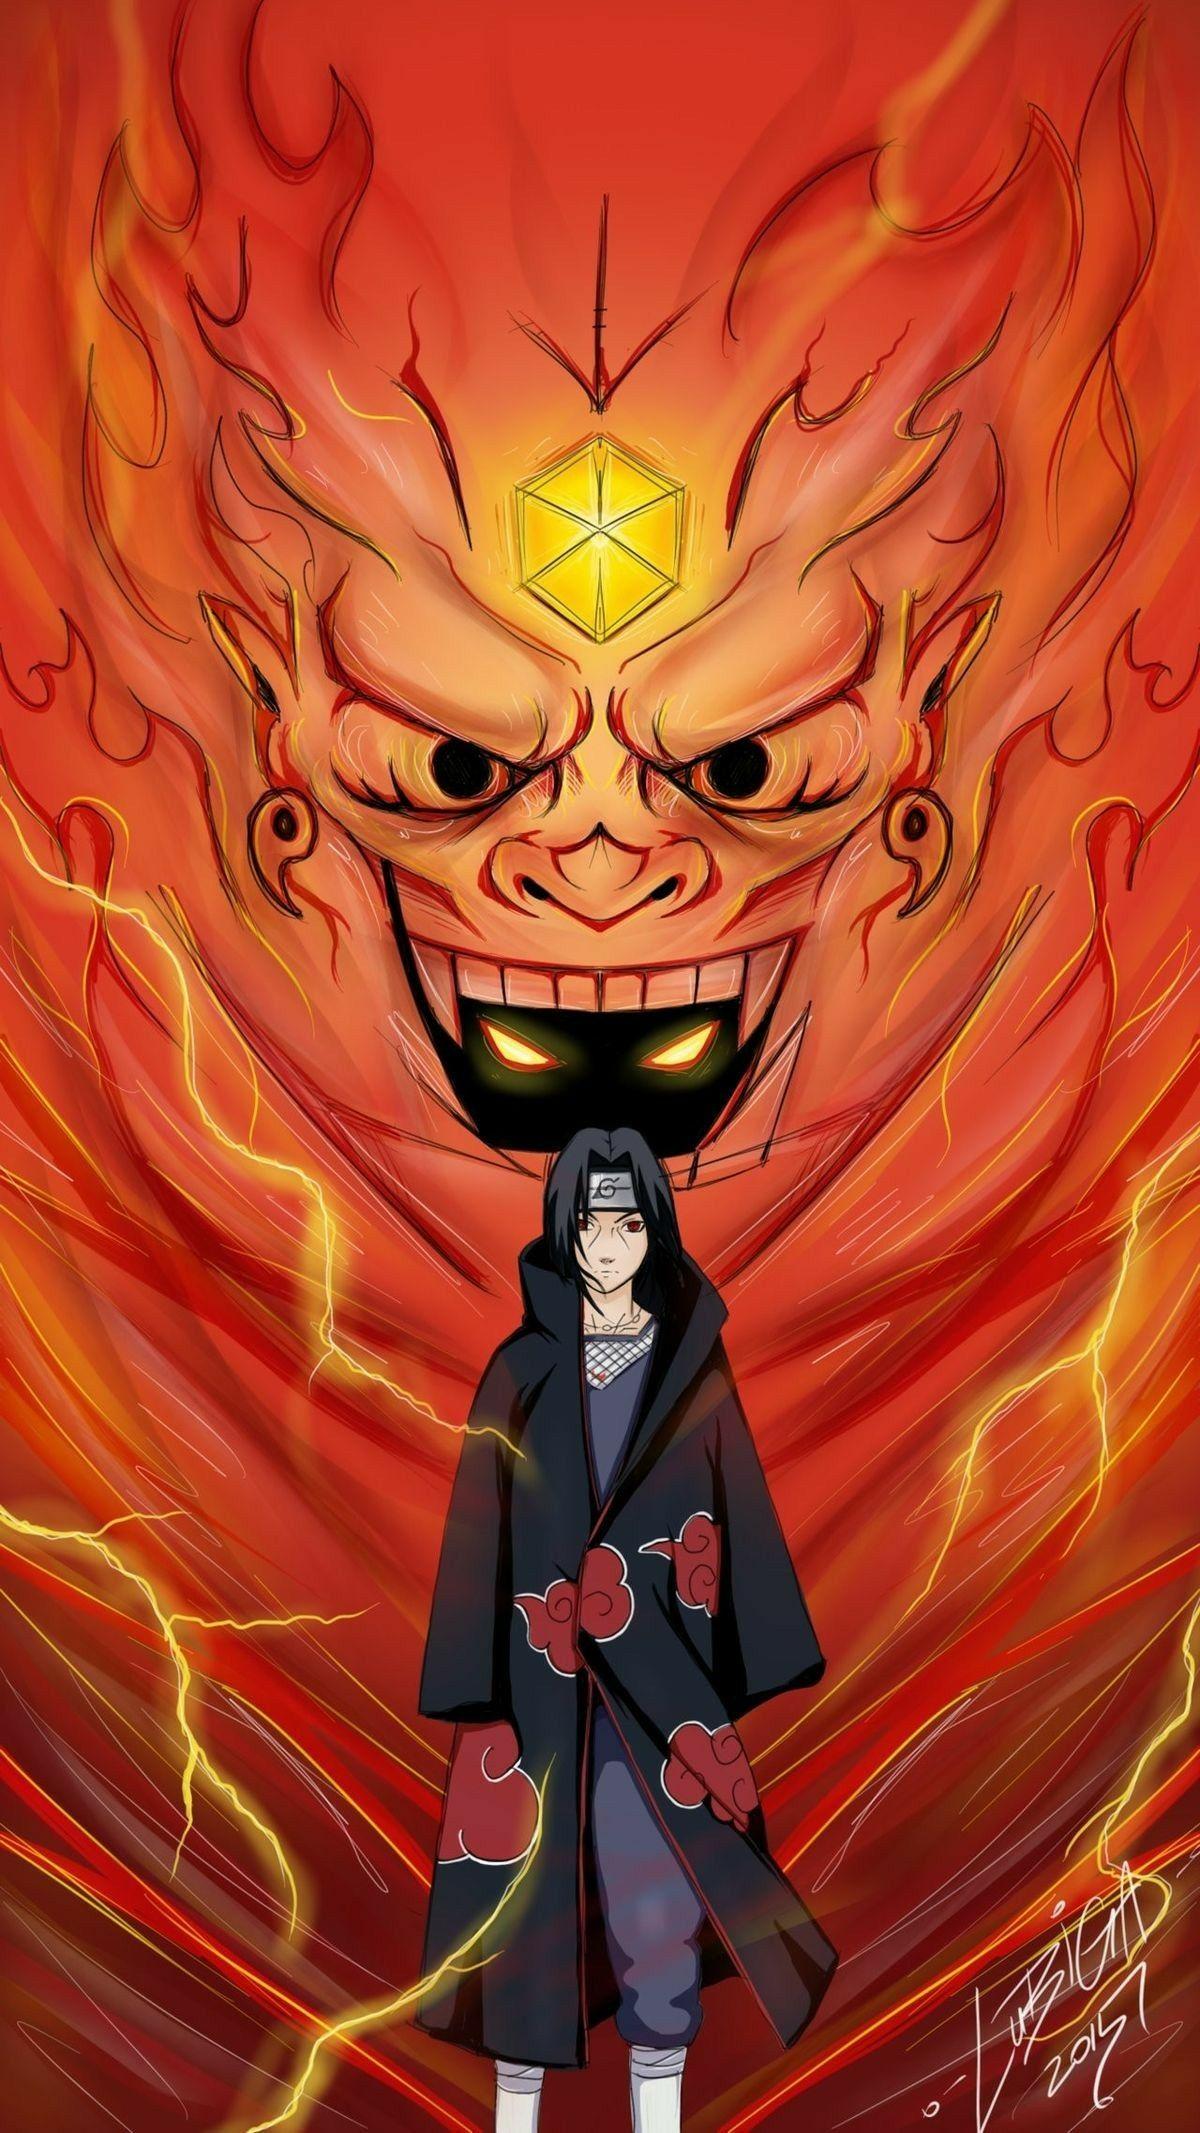 Naruto Shippuden Episode 1 Naruto shippuden sasuke